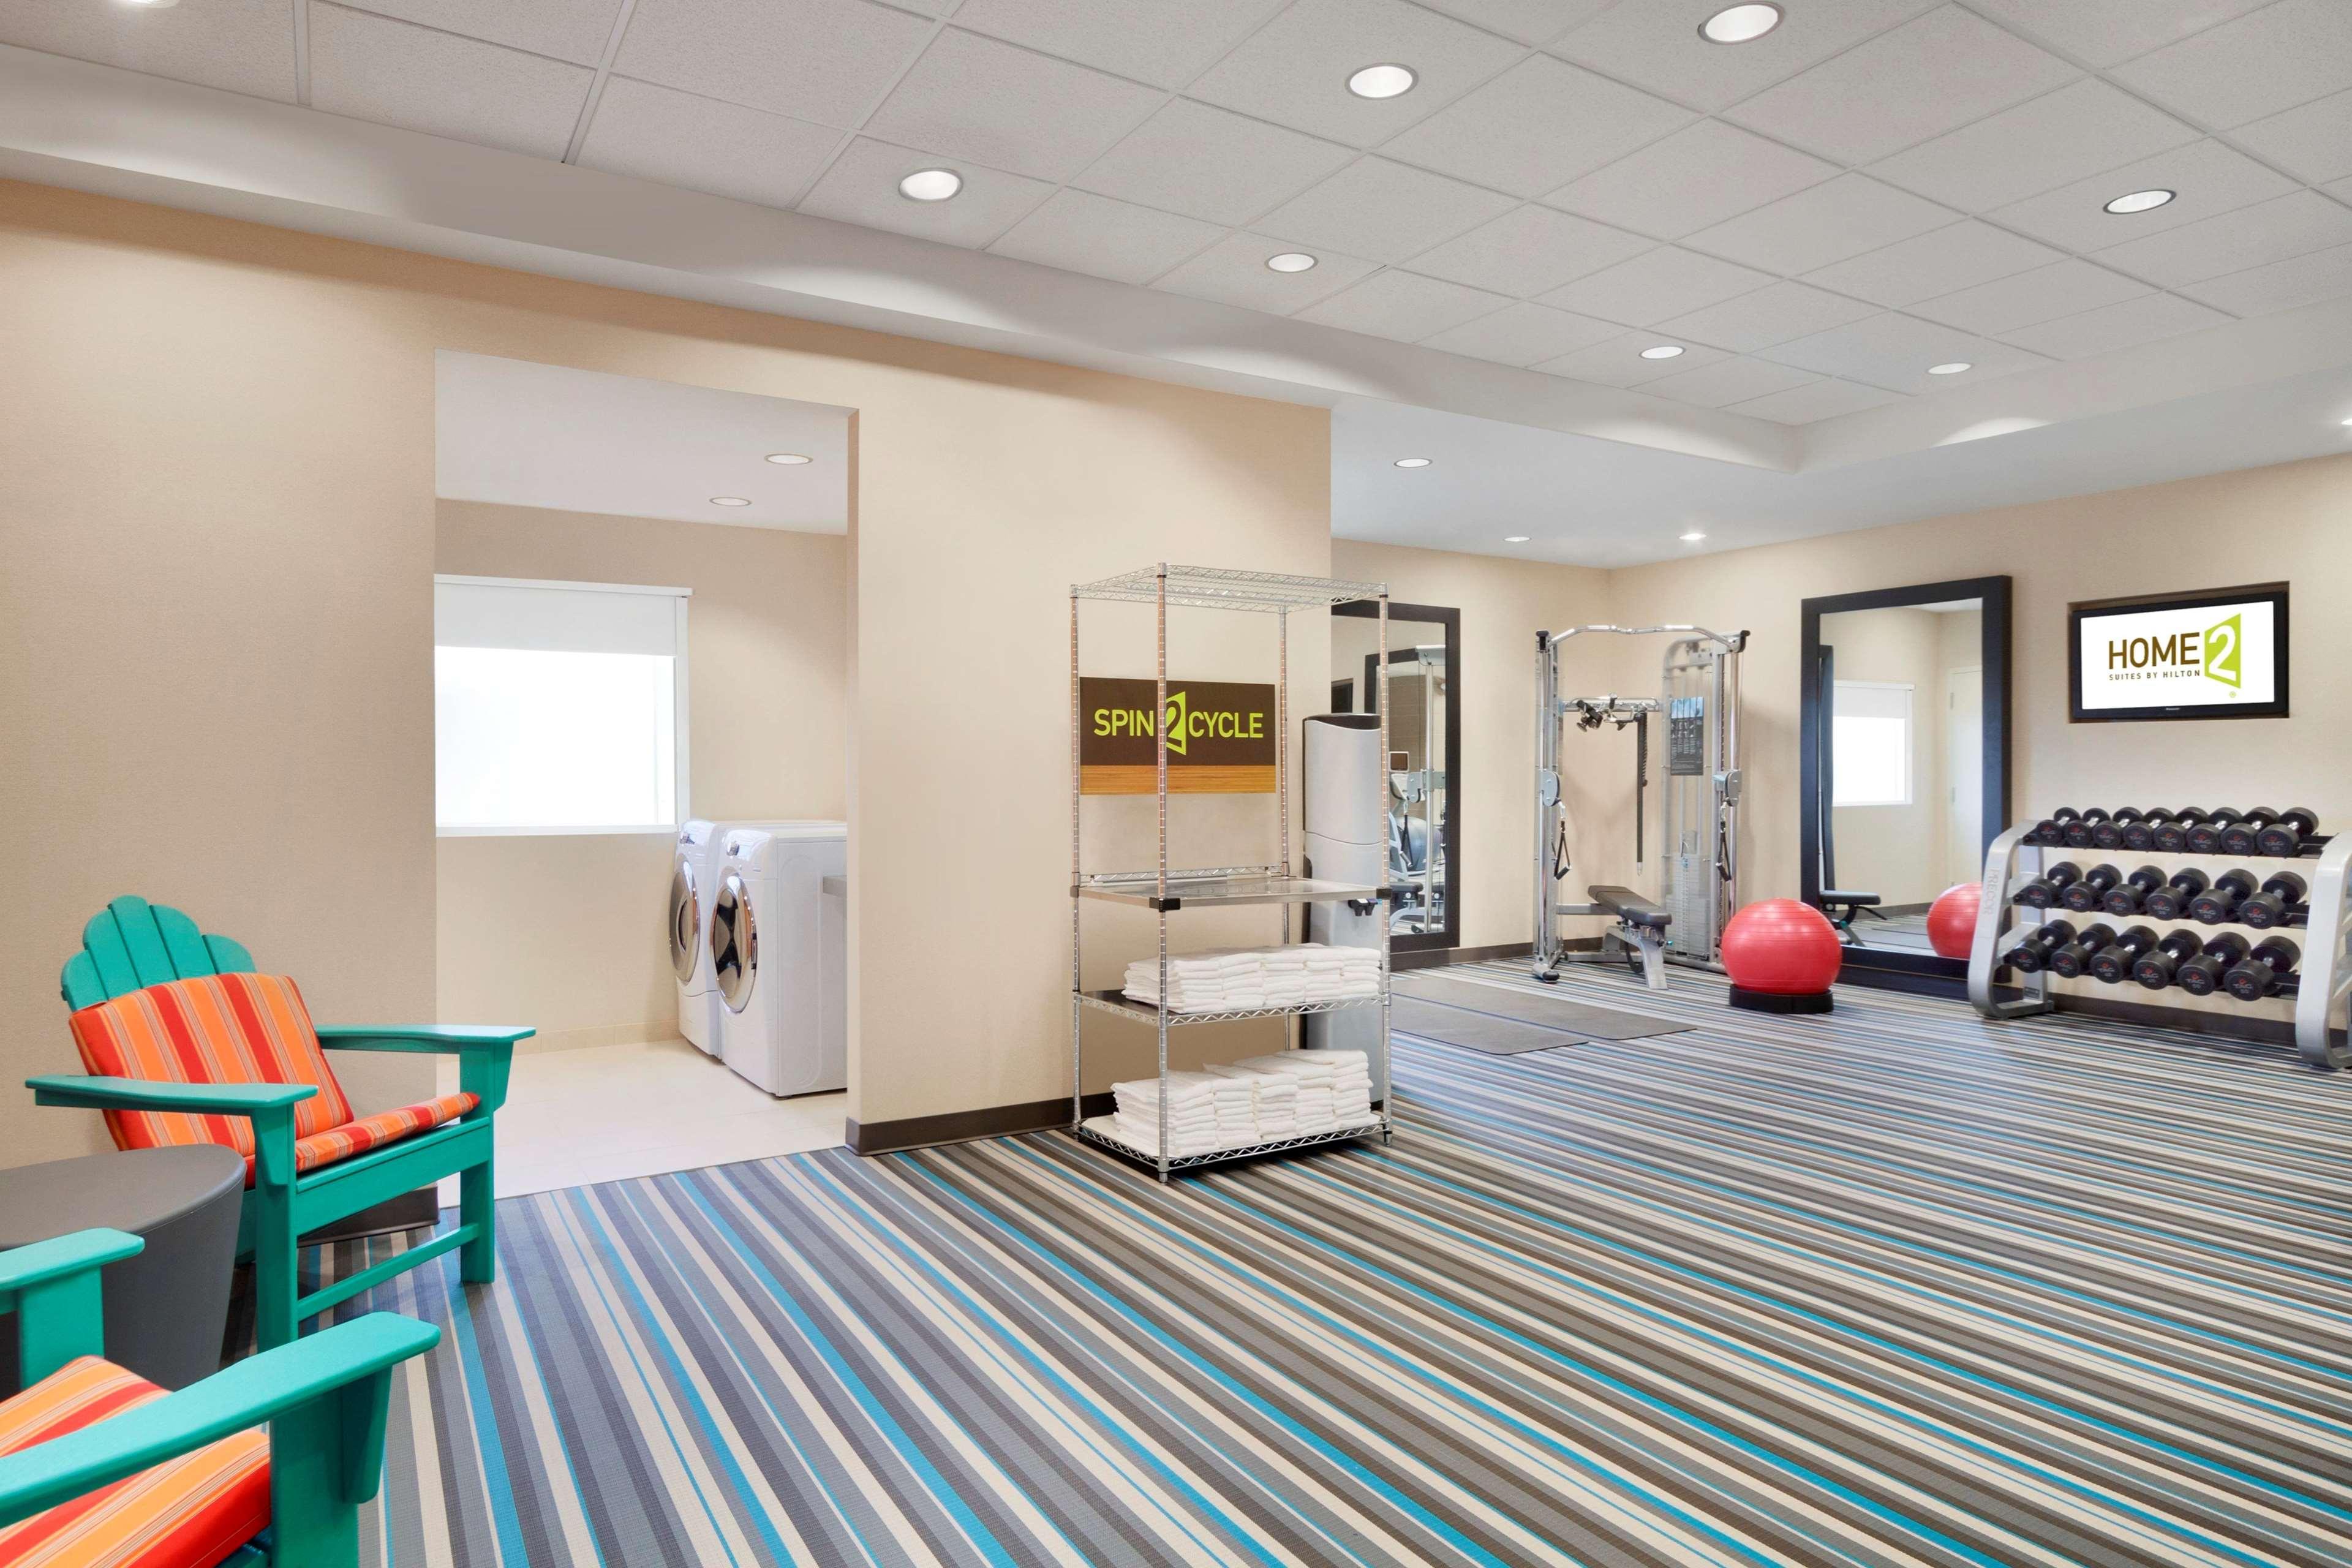 Home2 Suites by Hilton Lexington Park Patuxent River NAS, MD image 13